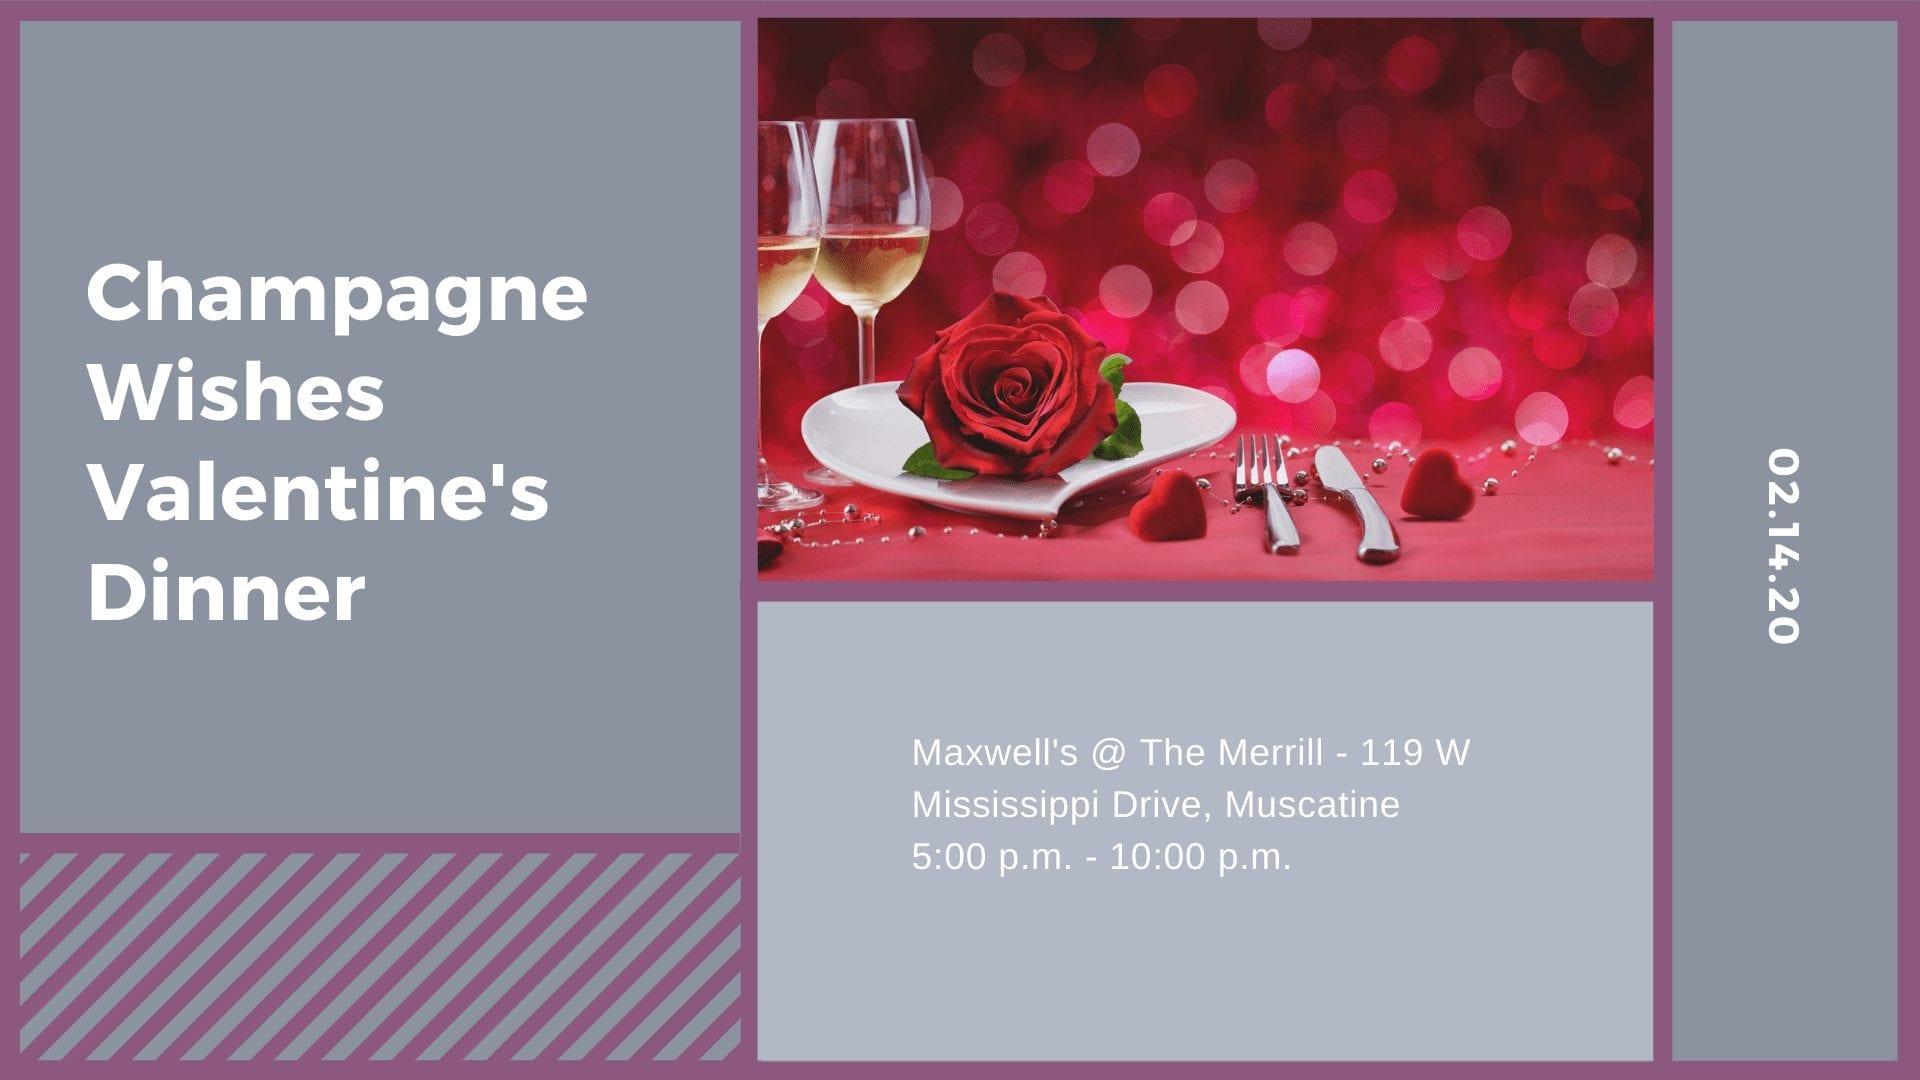 Champagne Wishes Valentine's Dinner